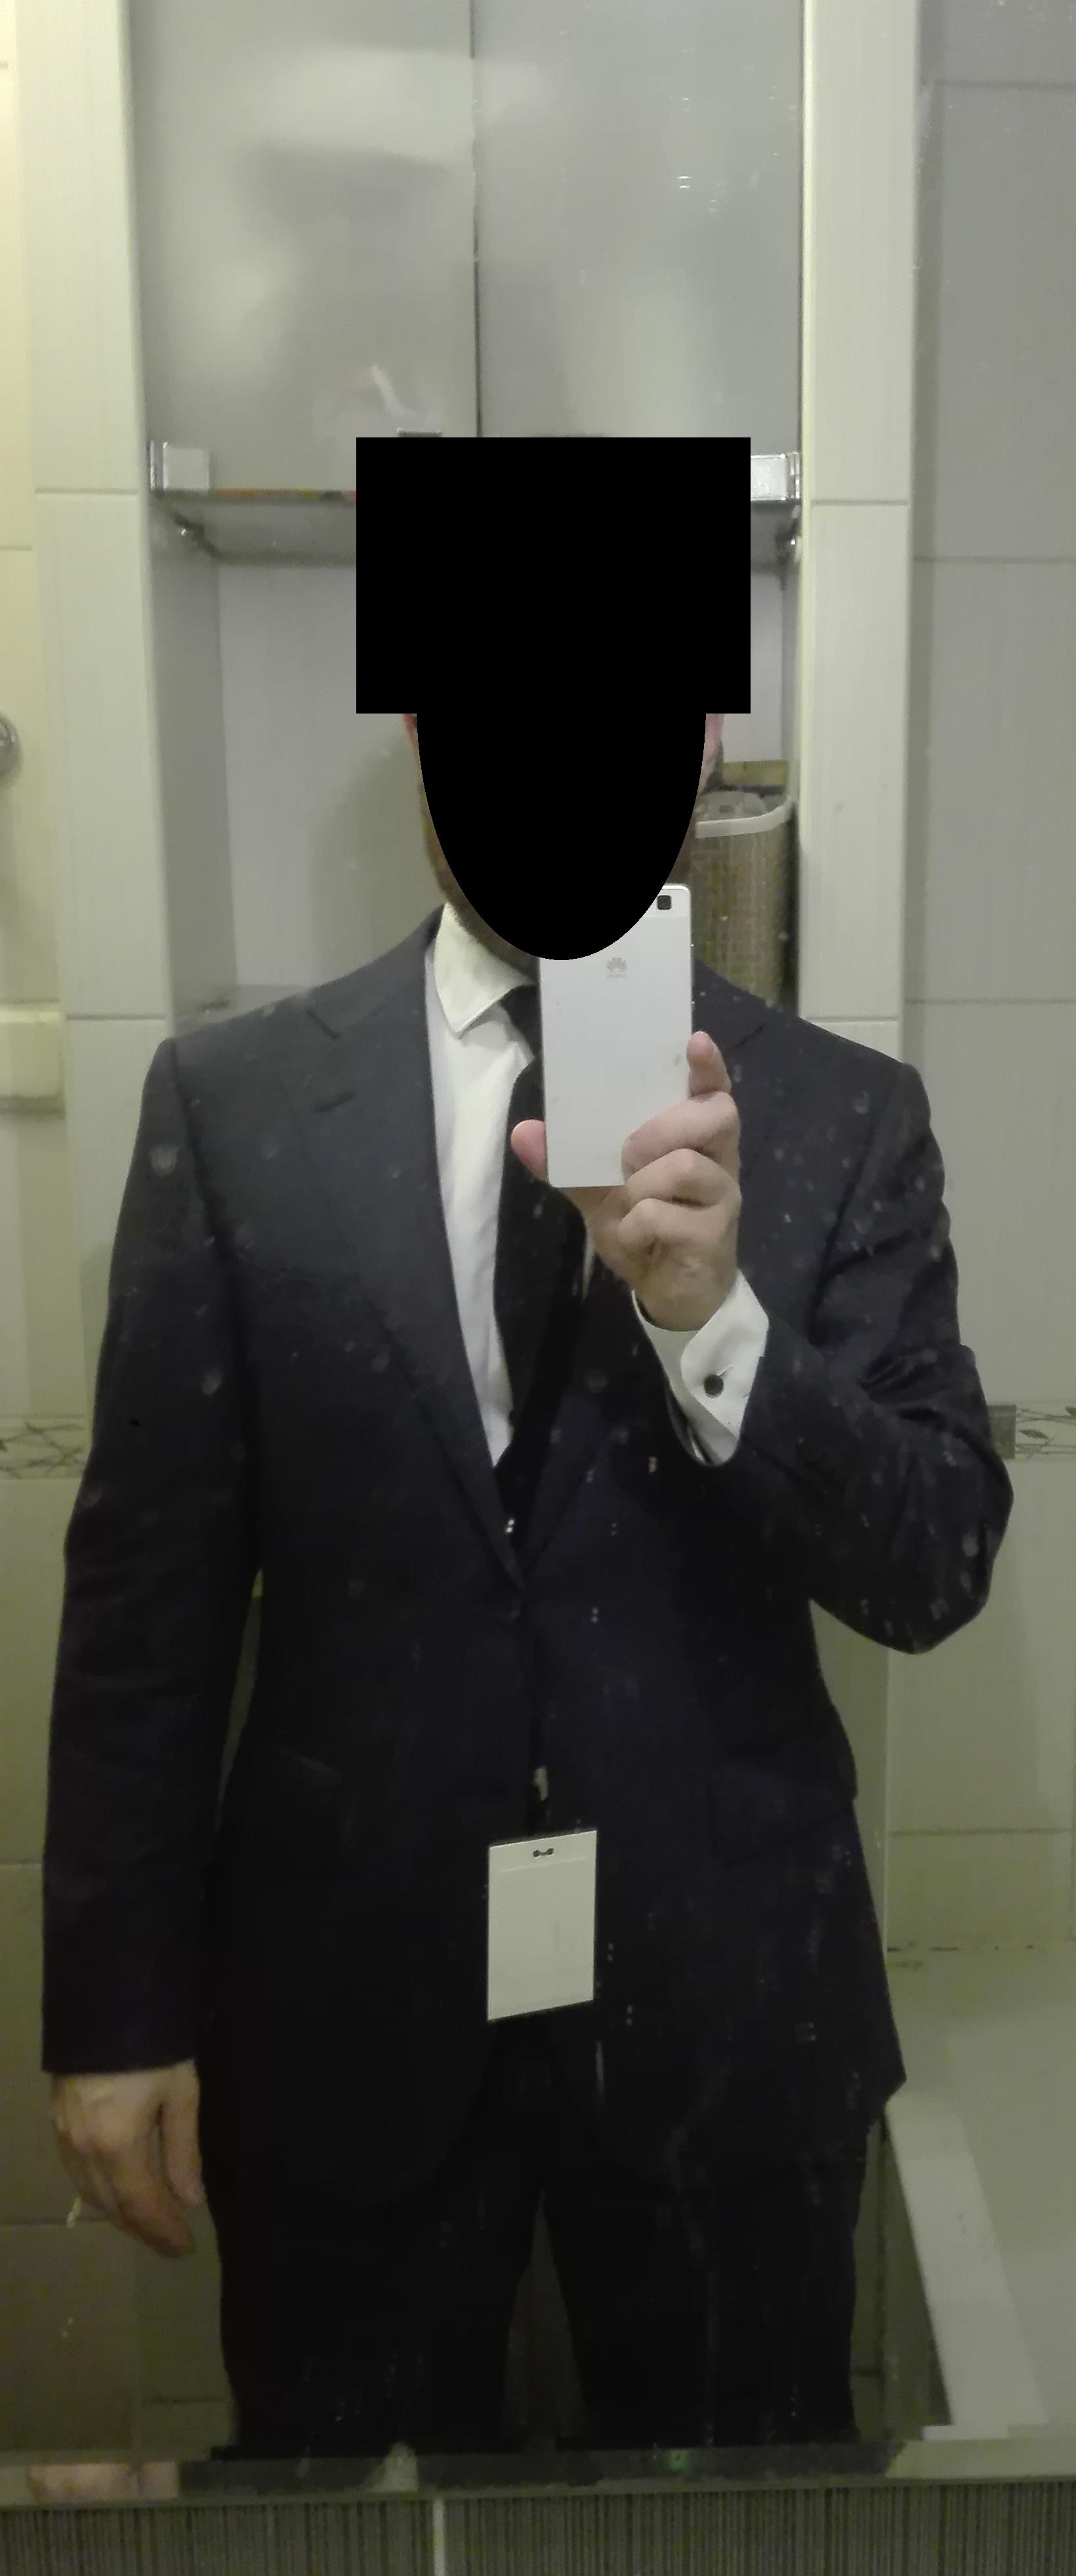 5010f8cecd24a Suit Supply - strona 198 - Przewodnik miejski - Forum But w Butonierce